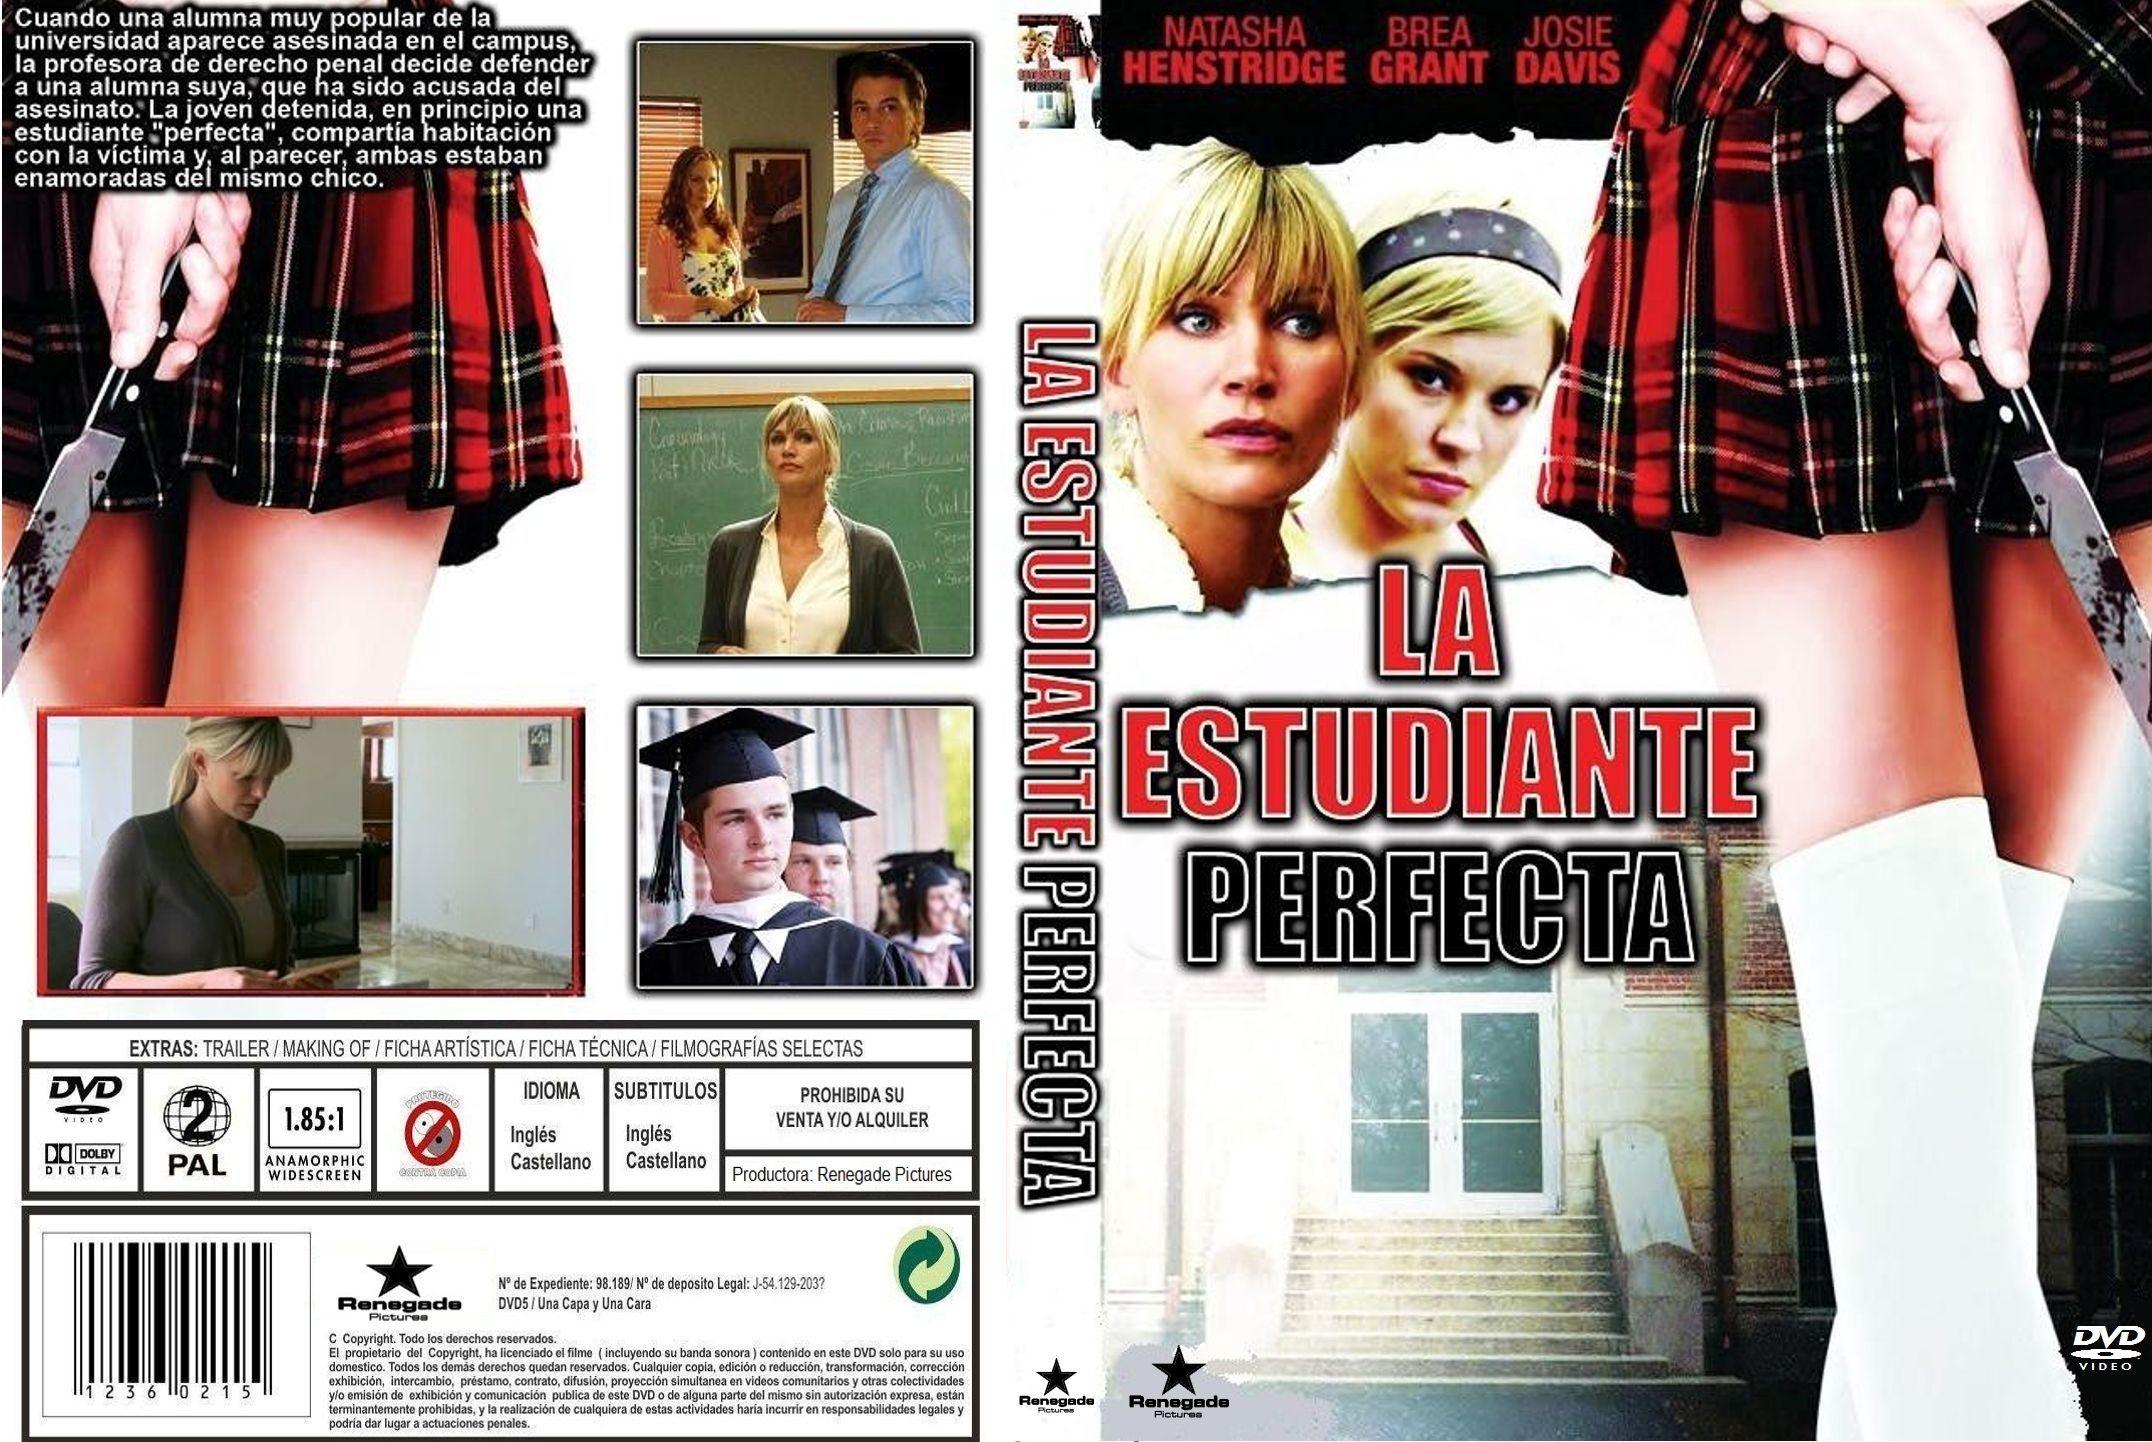 https://theplanetdvd.files.wordpress.com/2013/01/10687-la-estudiante-perfecta-la-alumna-perfecta2.jpg